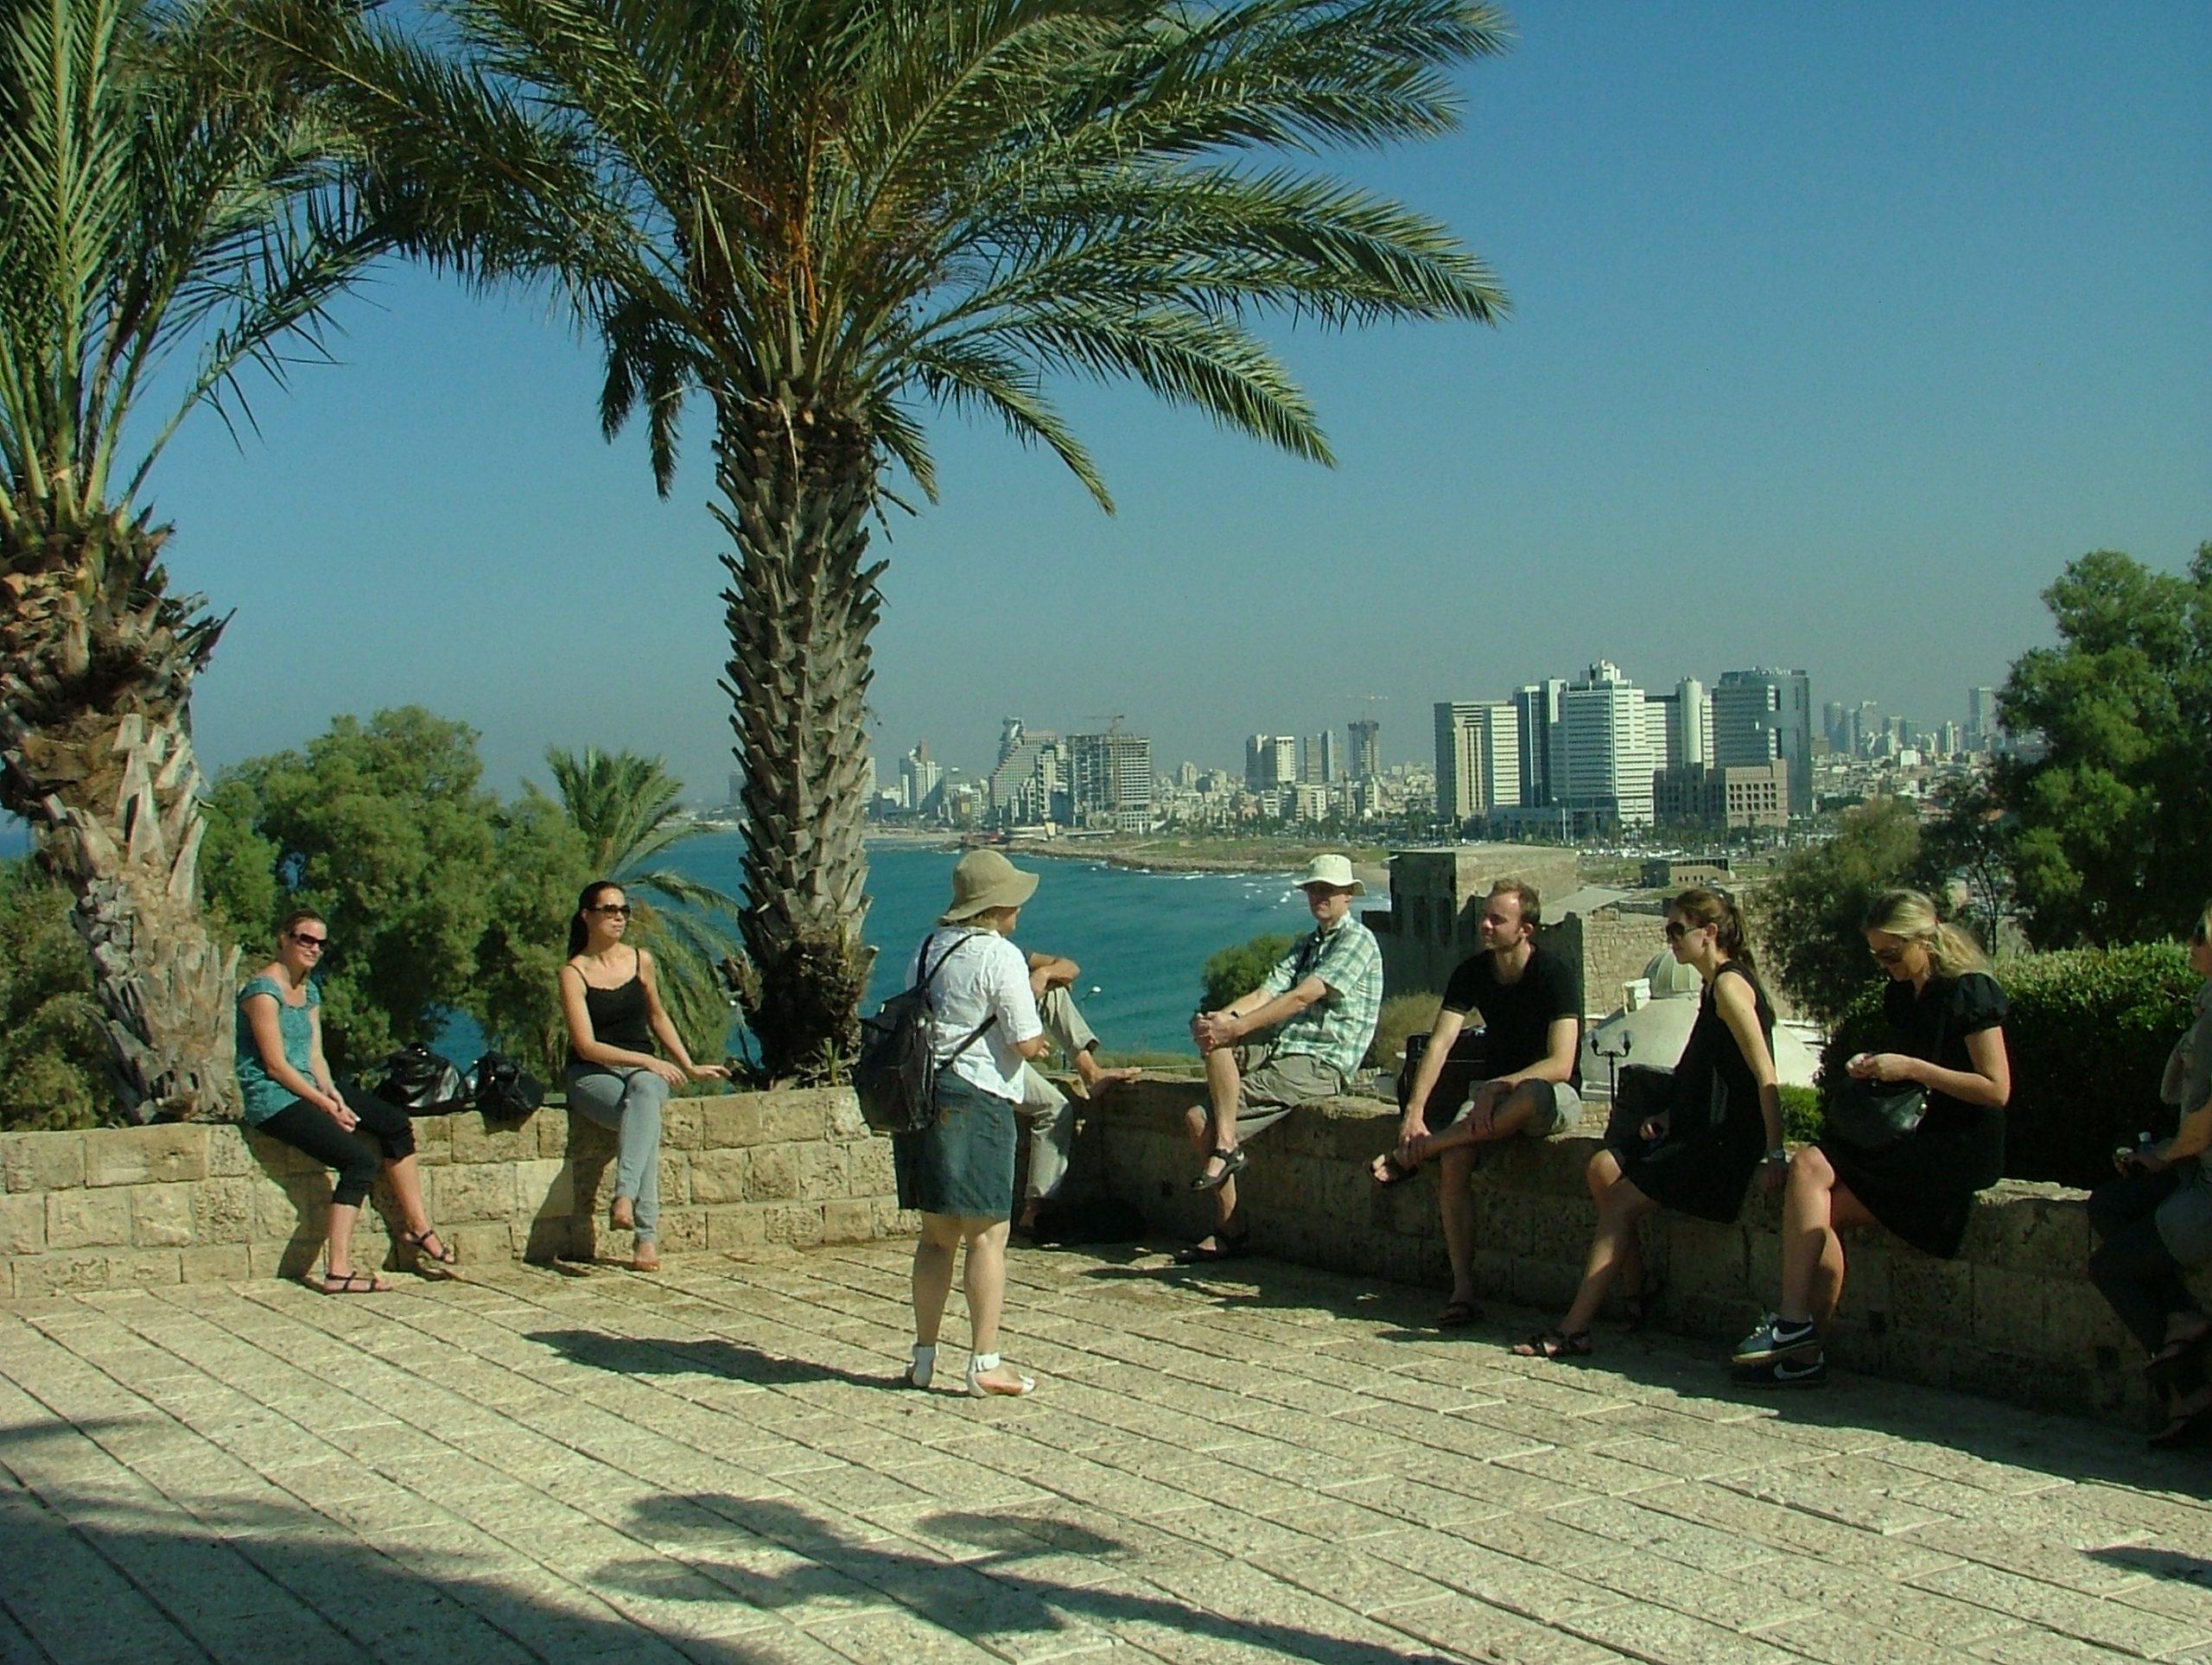 Israel er langt fremme med coronavaccineringer af befolkningen og klar til at åbne for turister fra lande i samme situation. Arkivfoto med Tel Aviv i baggrunden: Henrik Baumgarten.